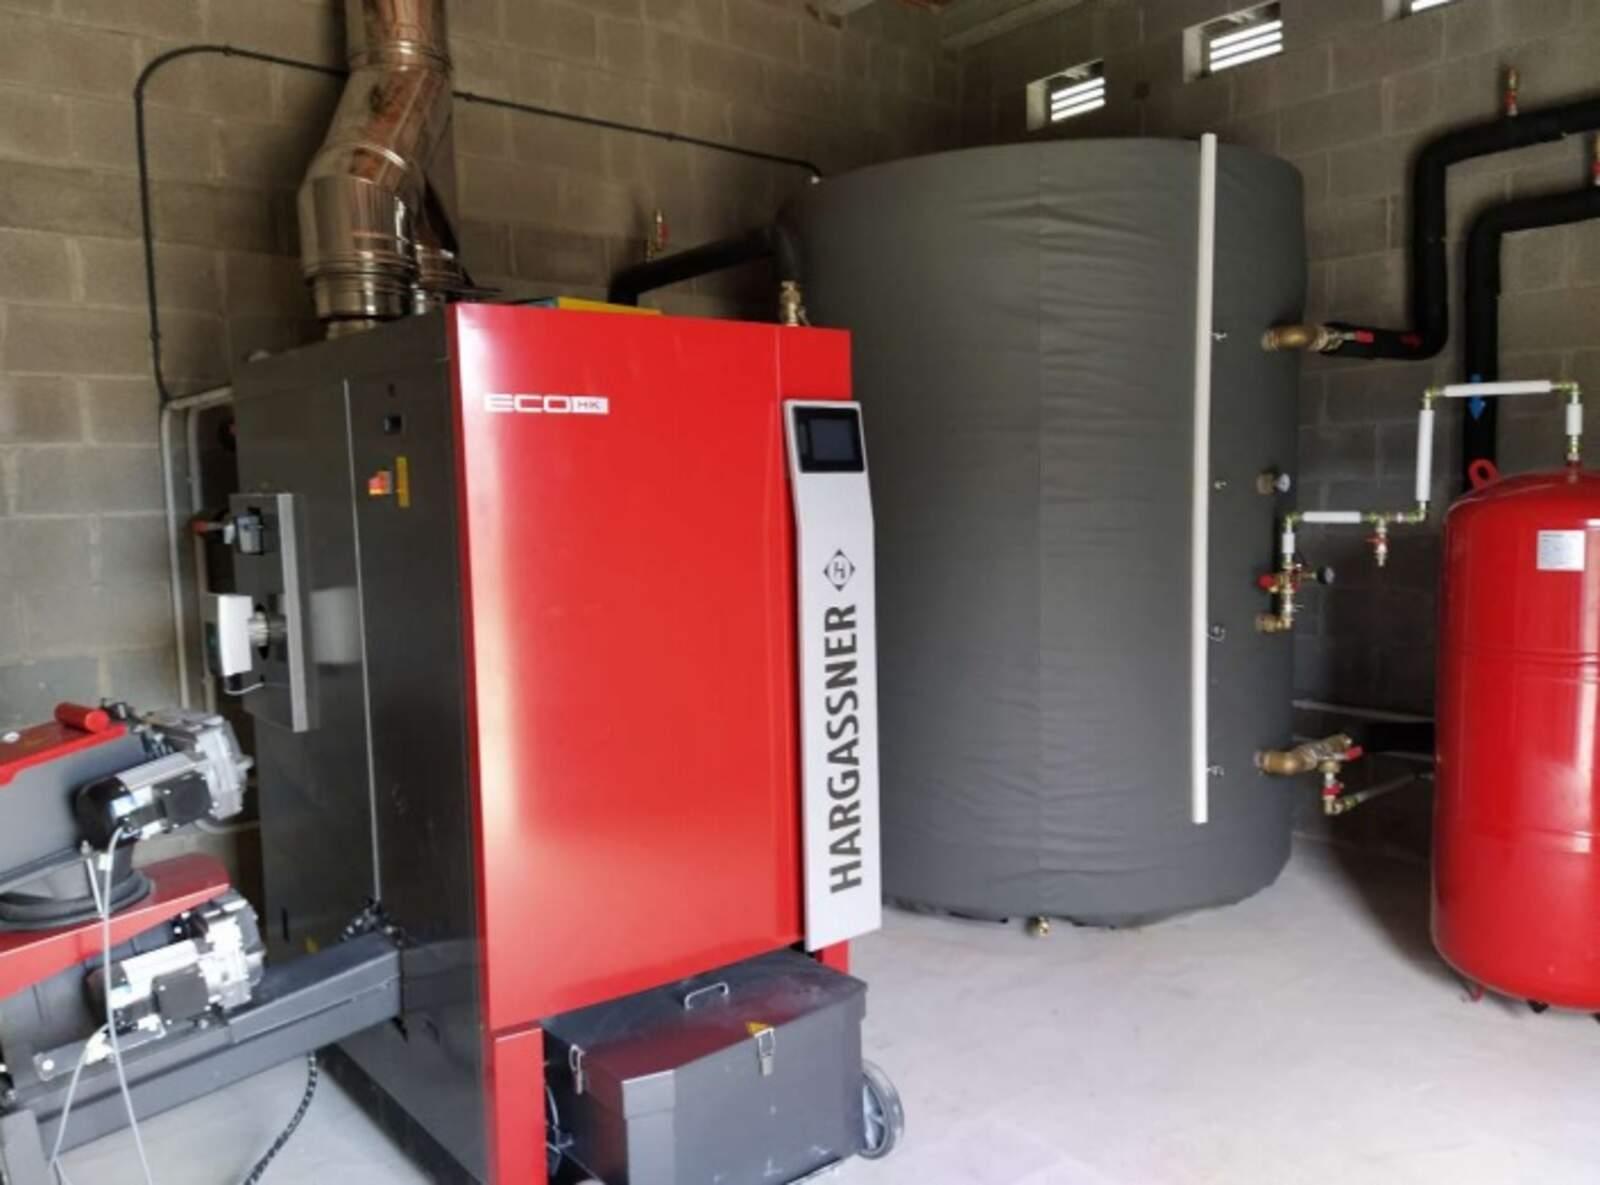 La caldera de biomassa de l'escola Anicet de Pagès i de Puig de Figueres